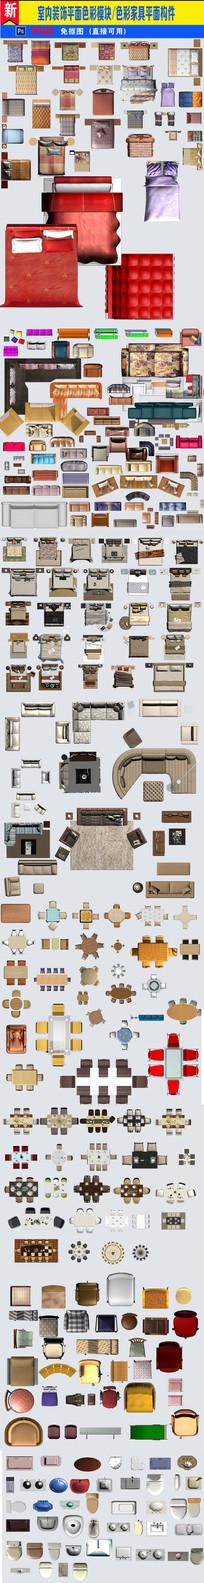 室内装饰设计色彩家具平面构件 PSD